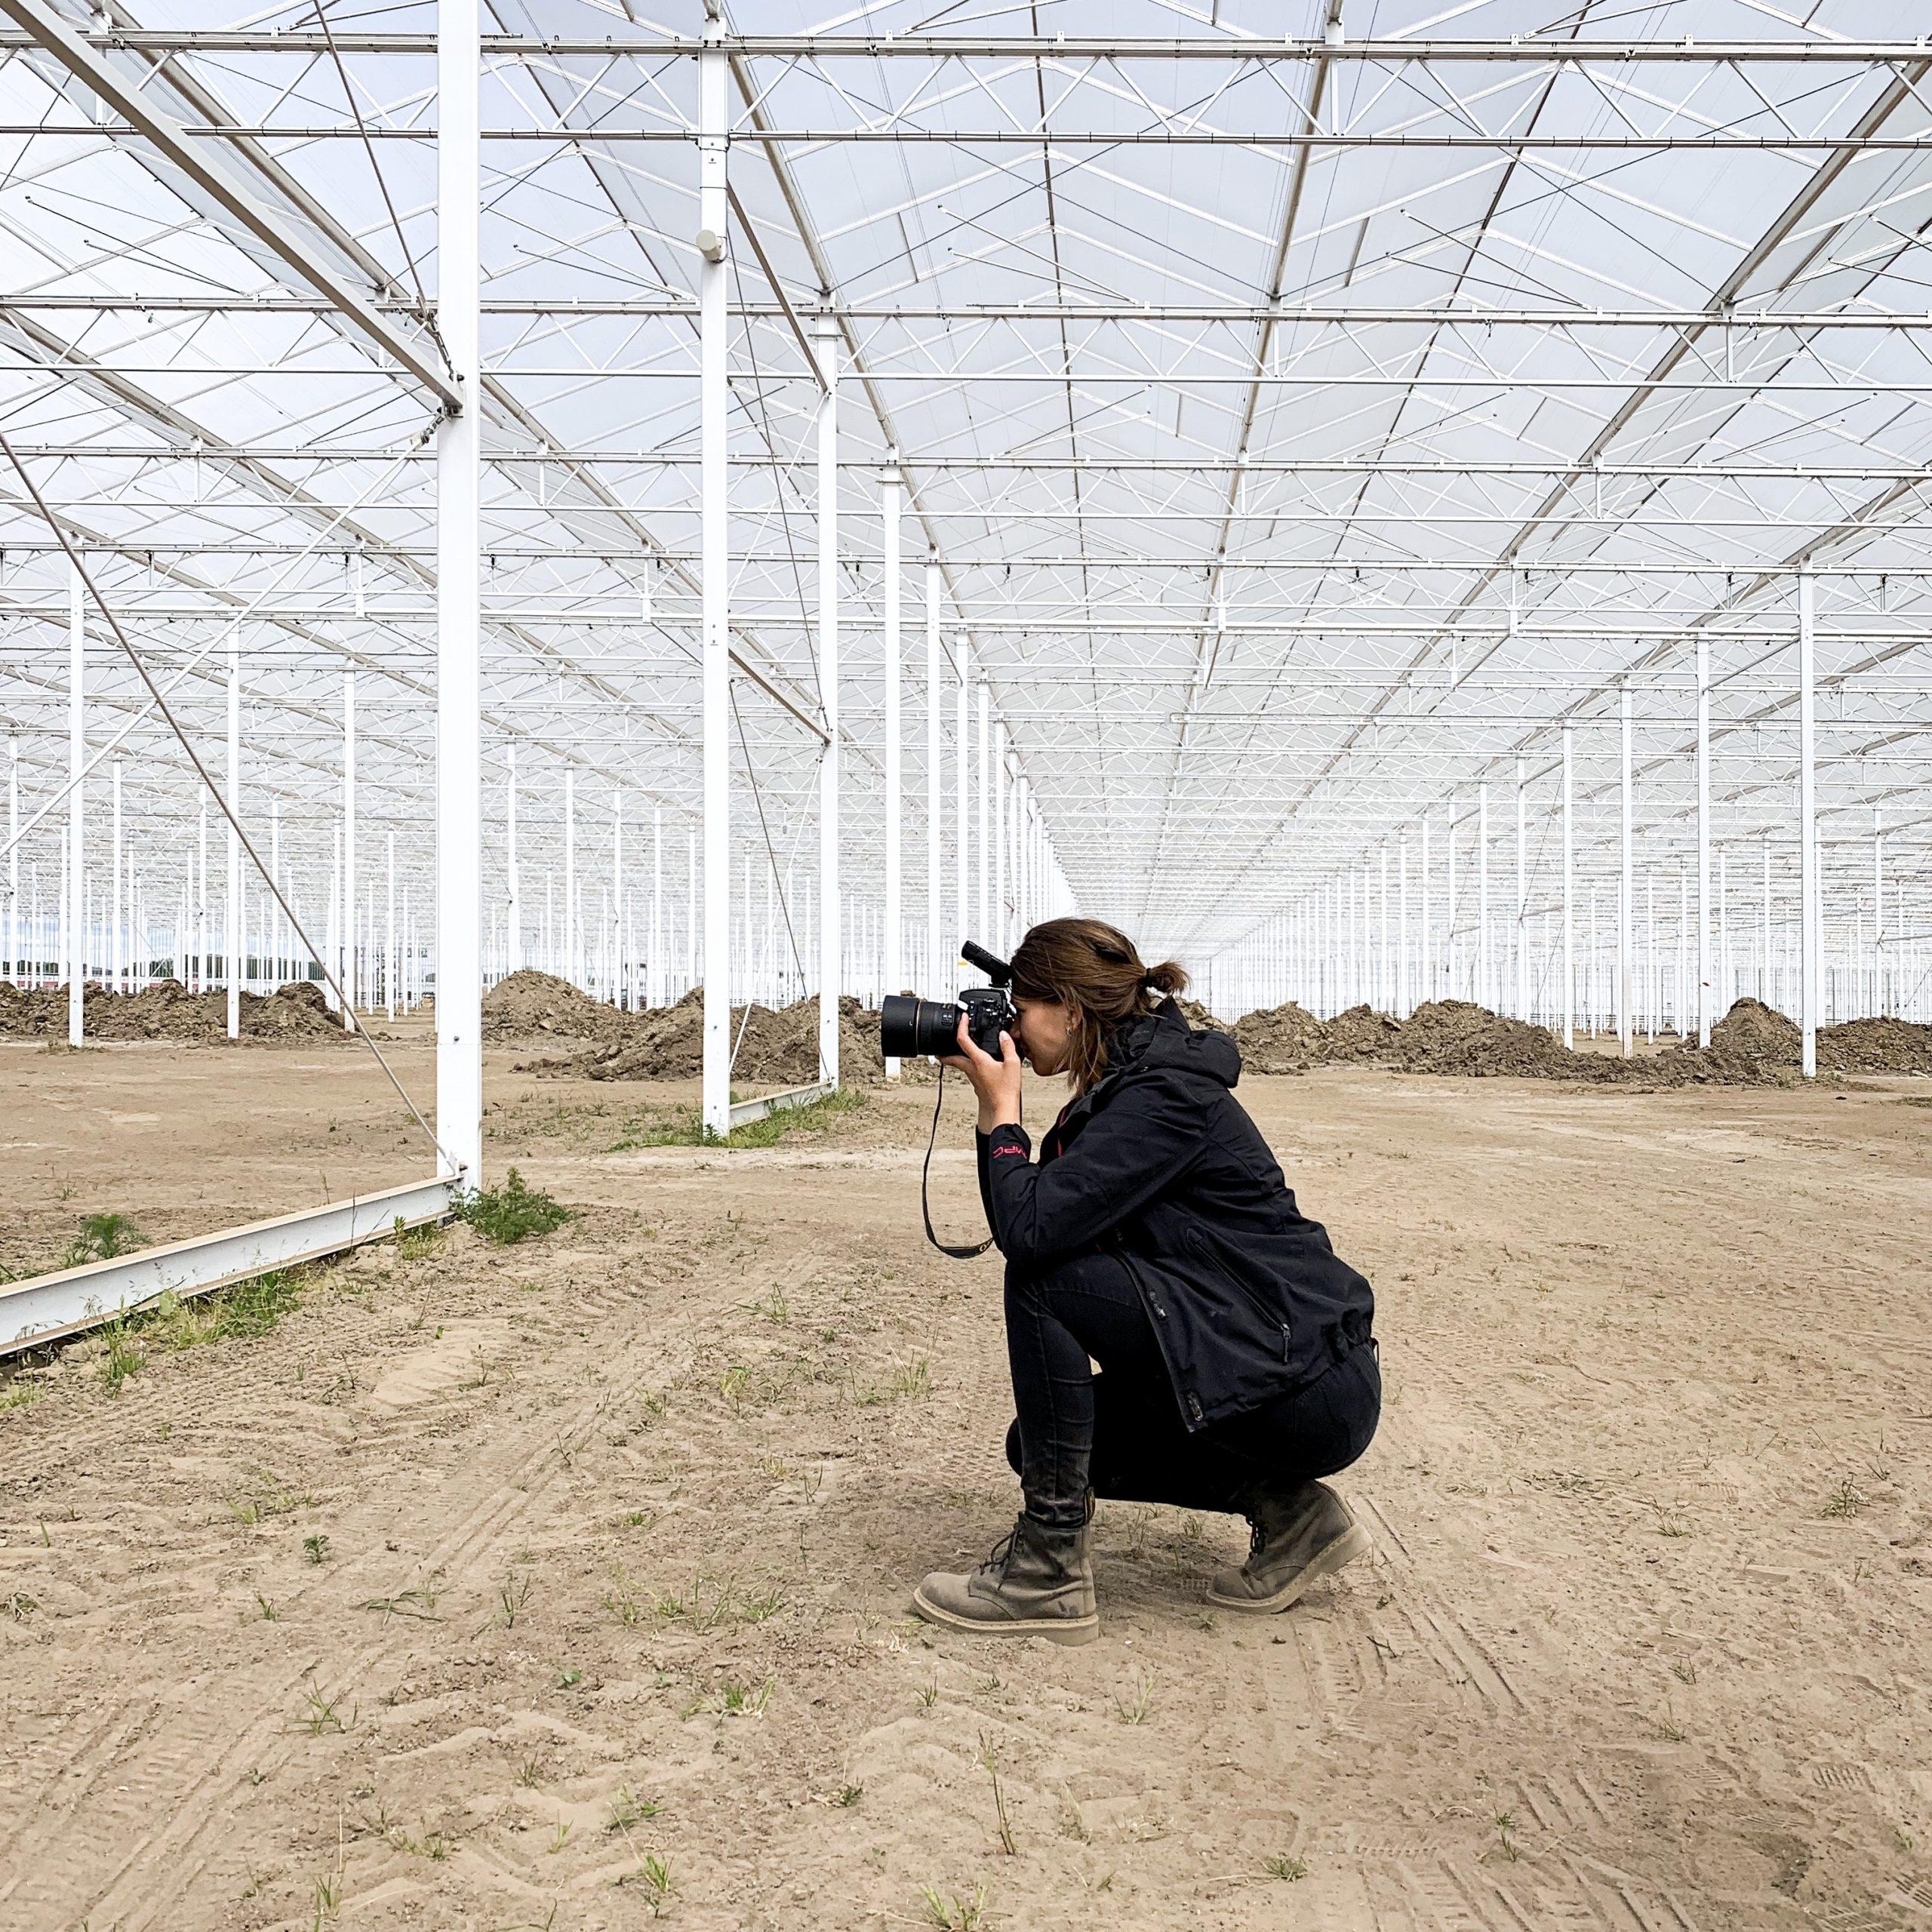 Tuinbouw kassenbouw fotografie